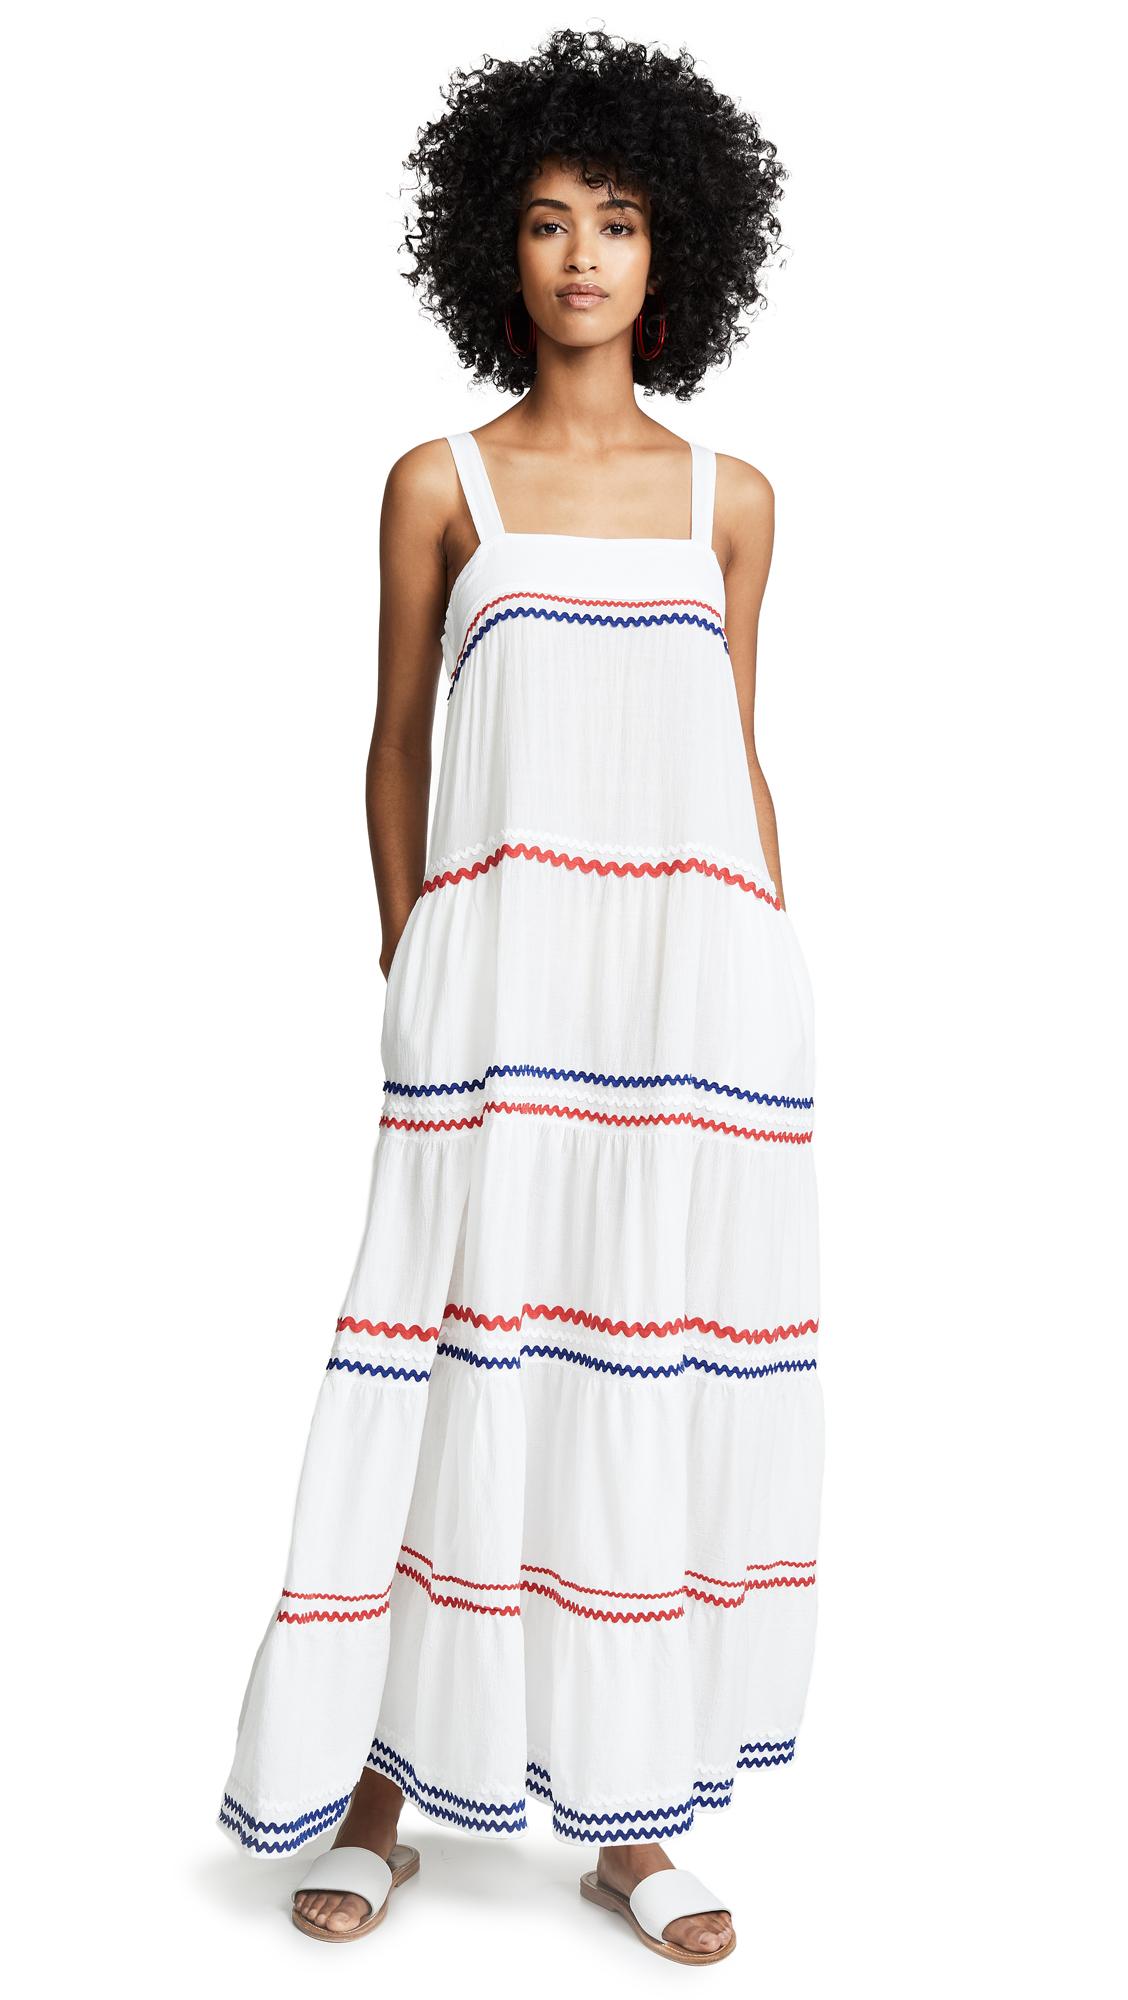 9SEED Sayulita Tier Maxi Dress in White/Multi